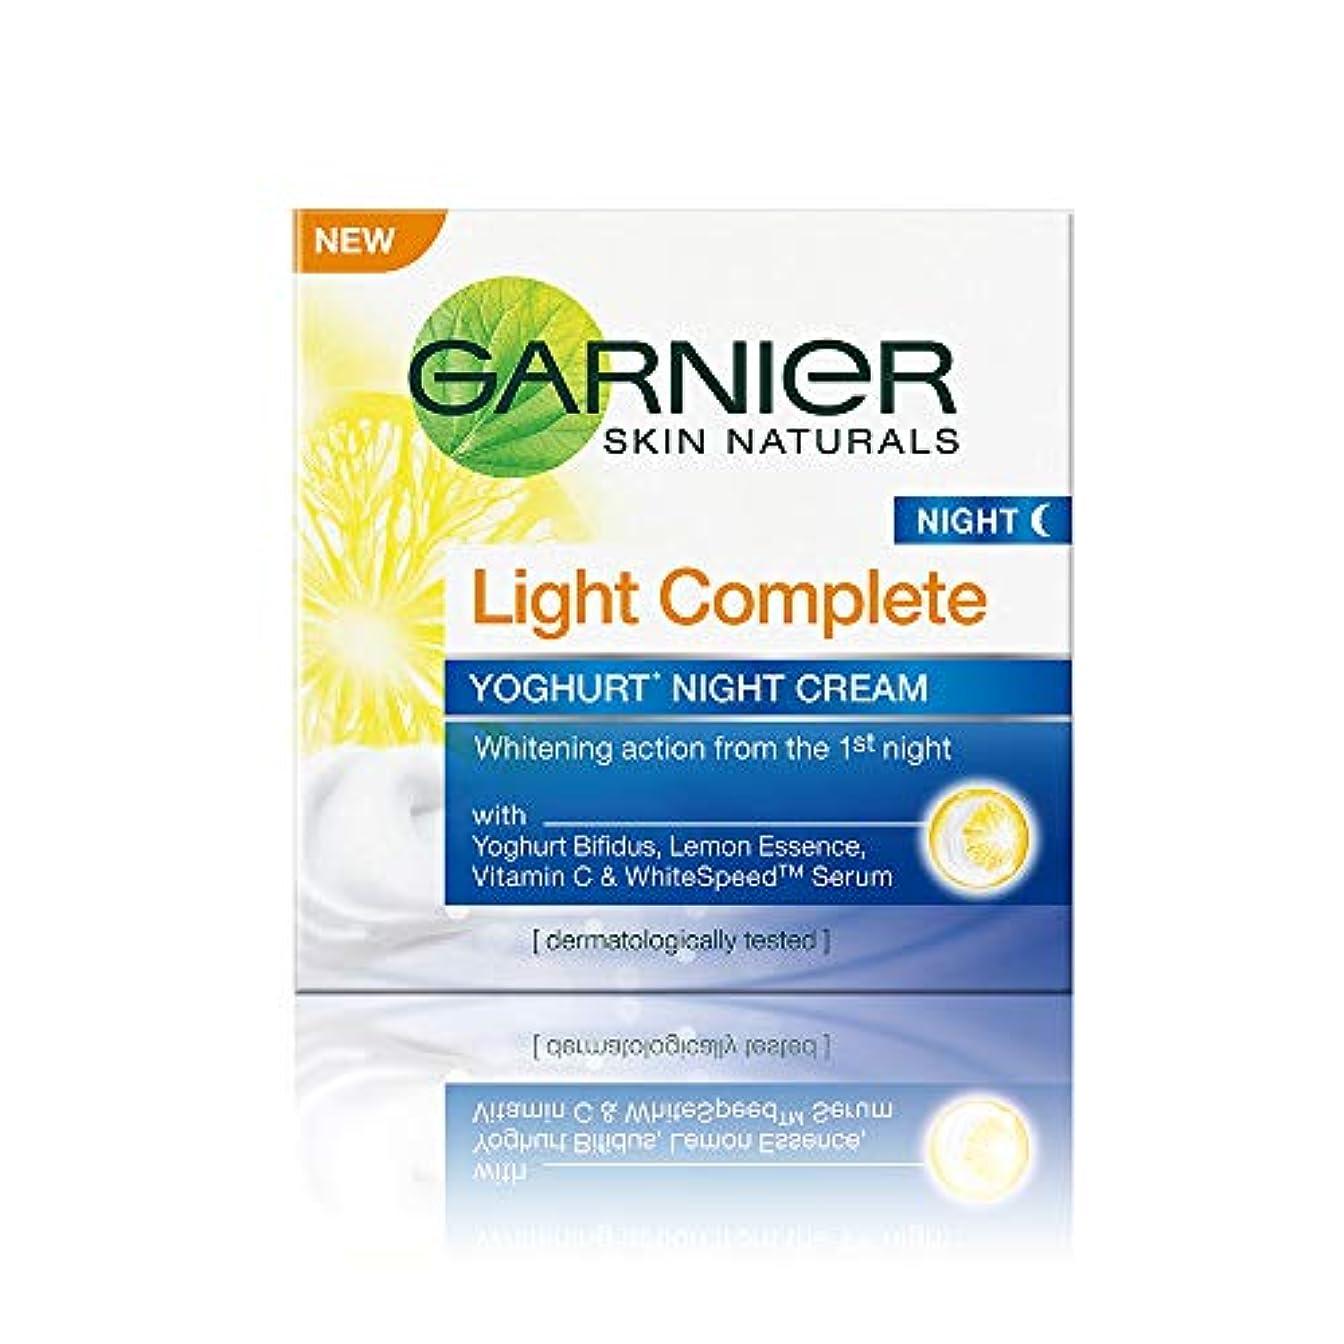 解き明かす防腐剤反逆Garnier Skin Naturals Light Complete Night Cream, 40g